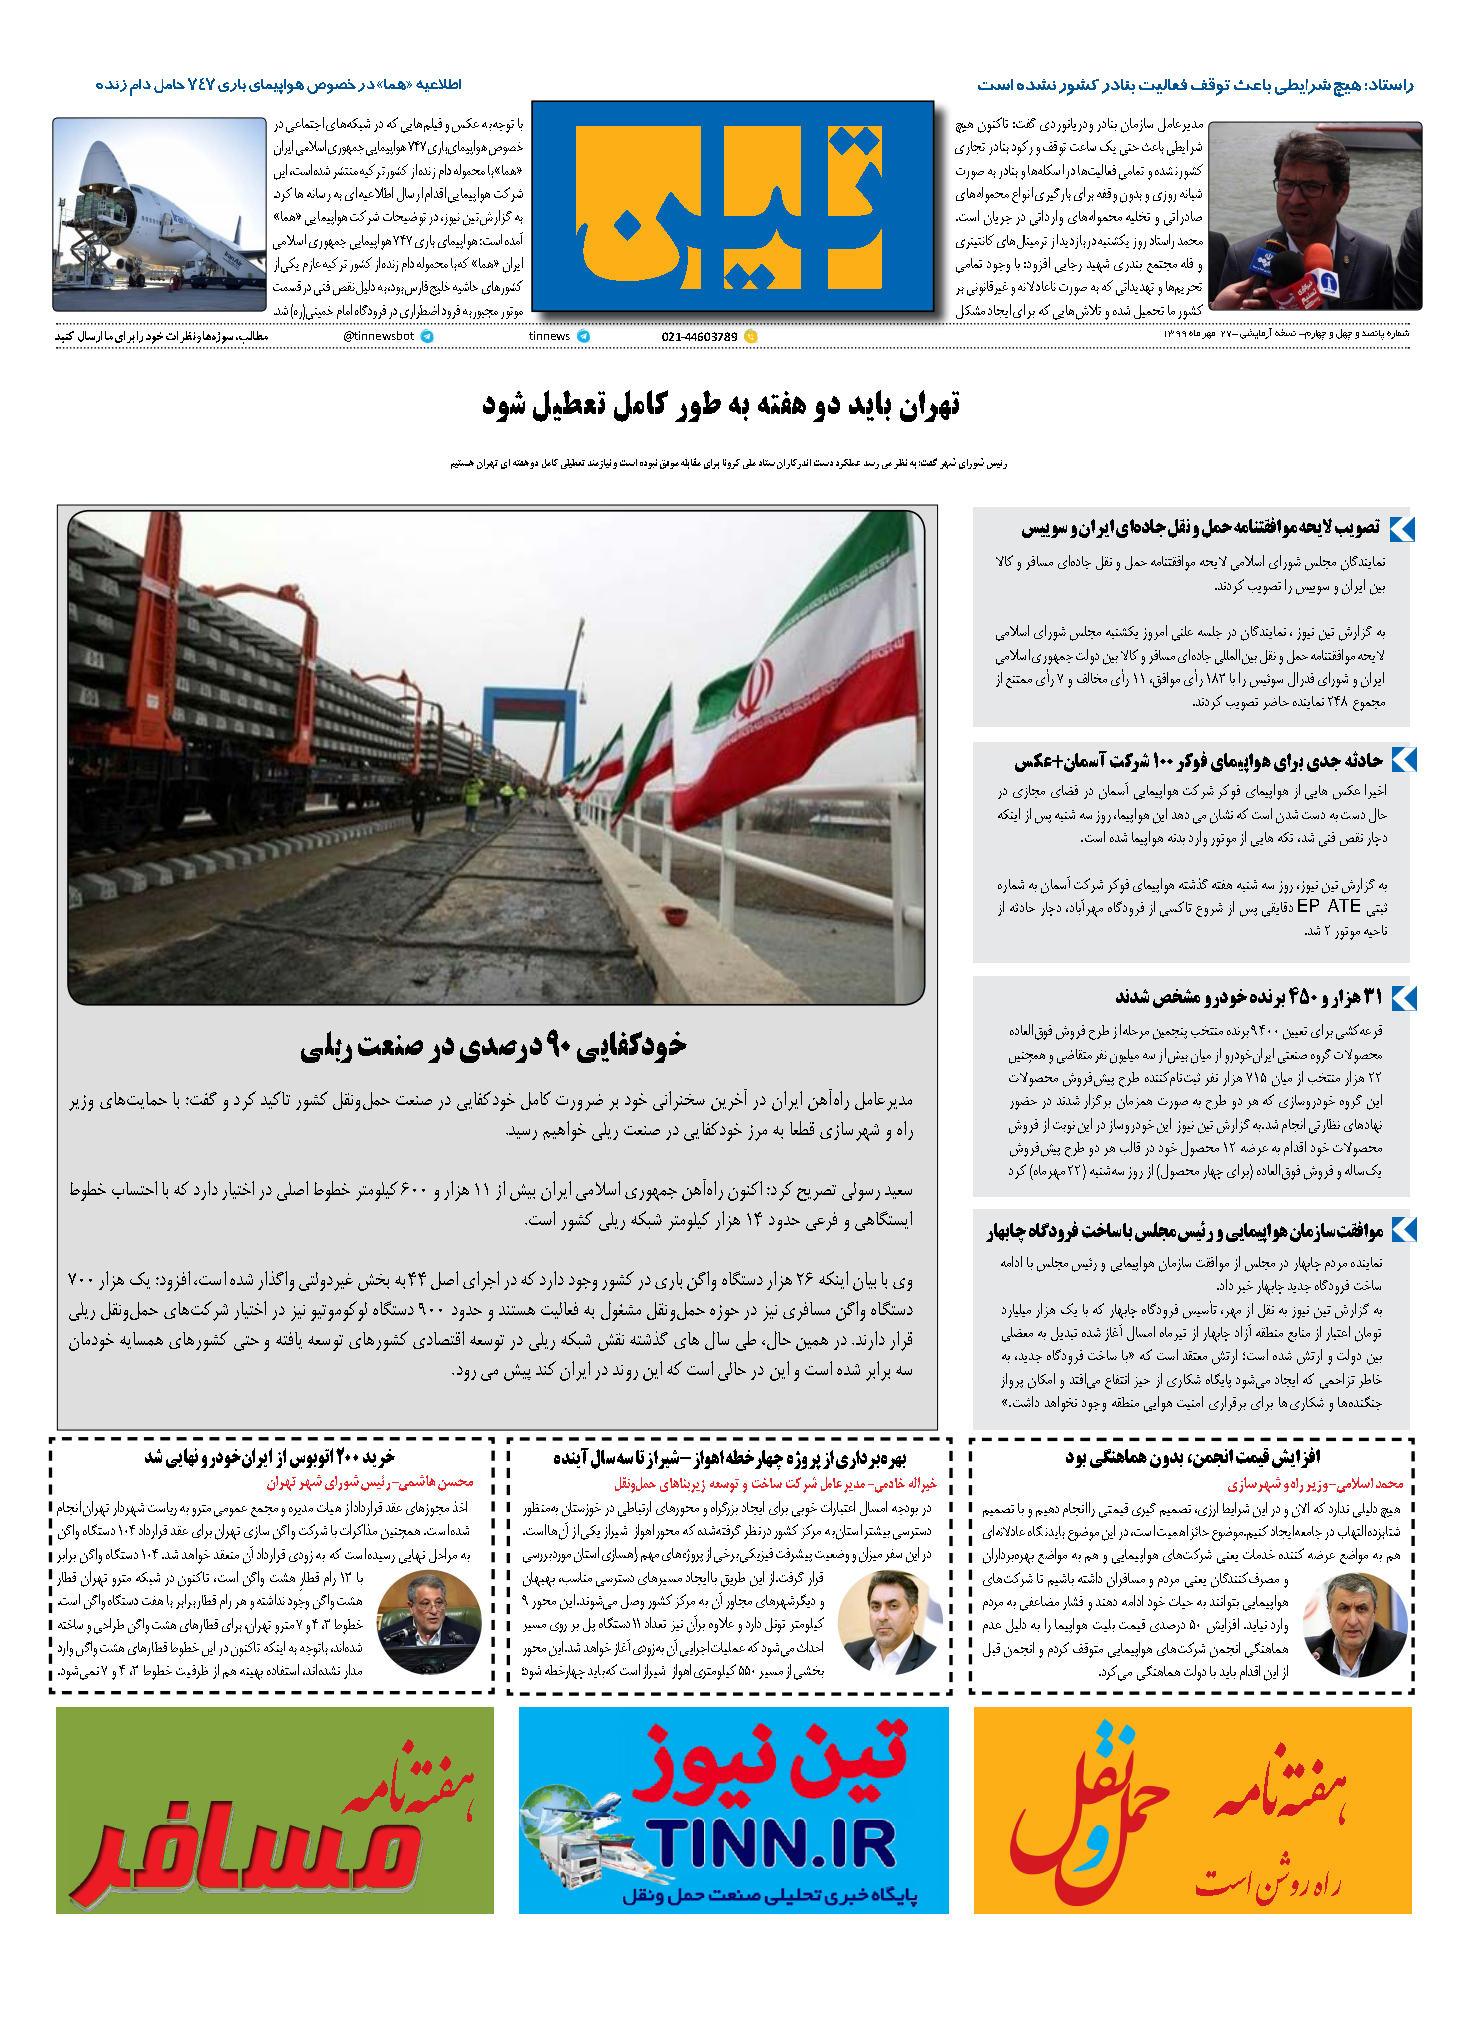 روزنامه الکترونیک 27 مهر ماه 99